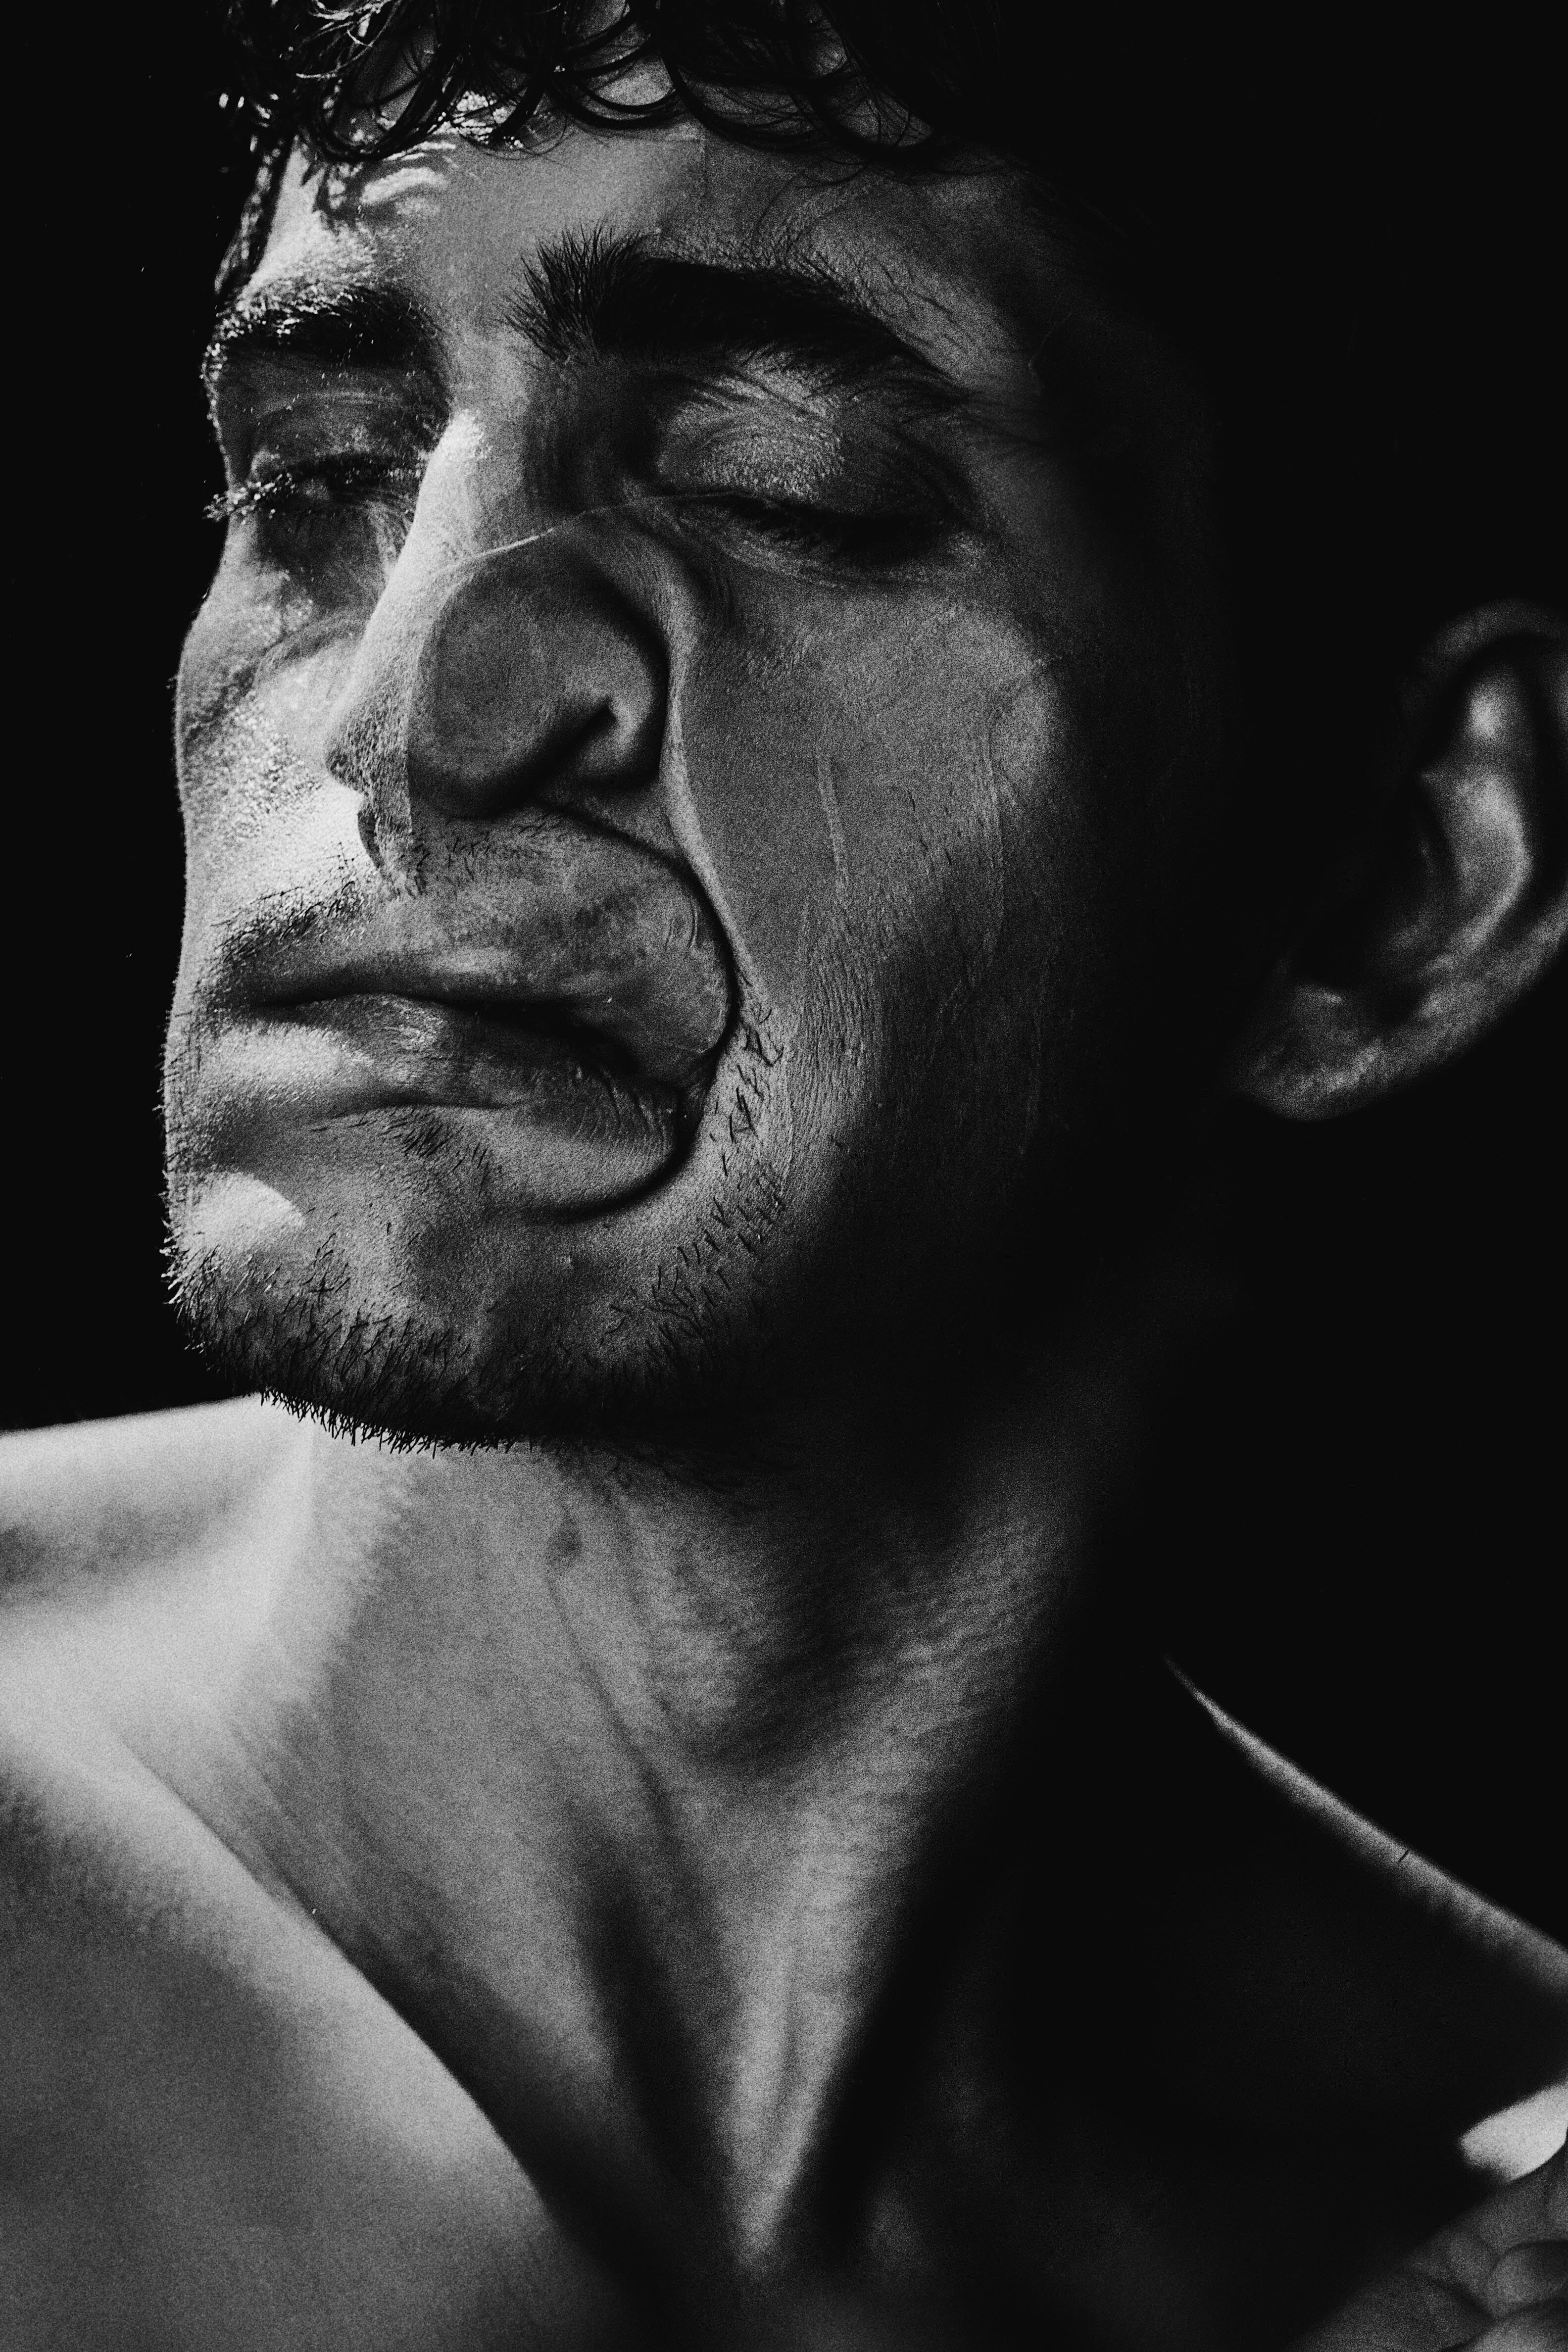 Фобии, мании и странности: арт-проект с Гошей Кудренко